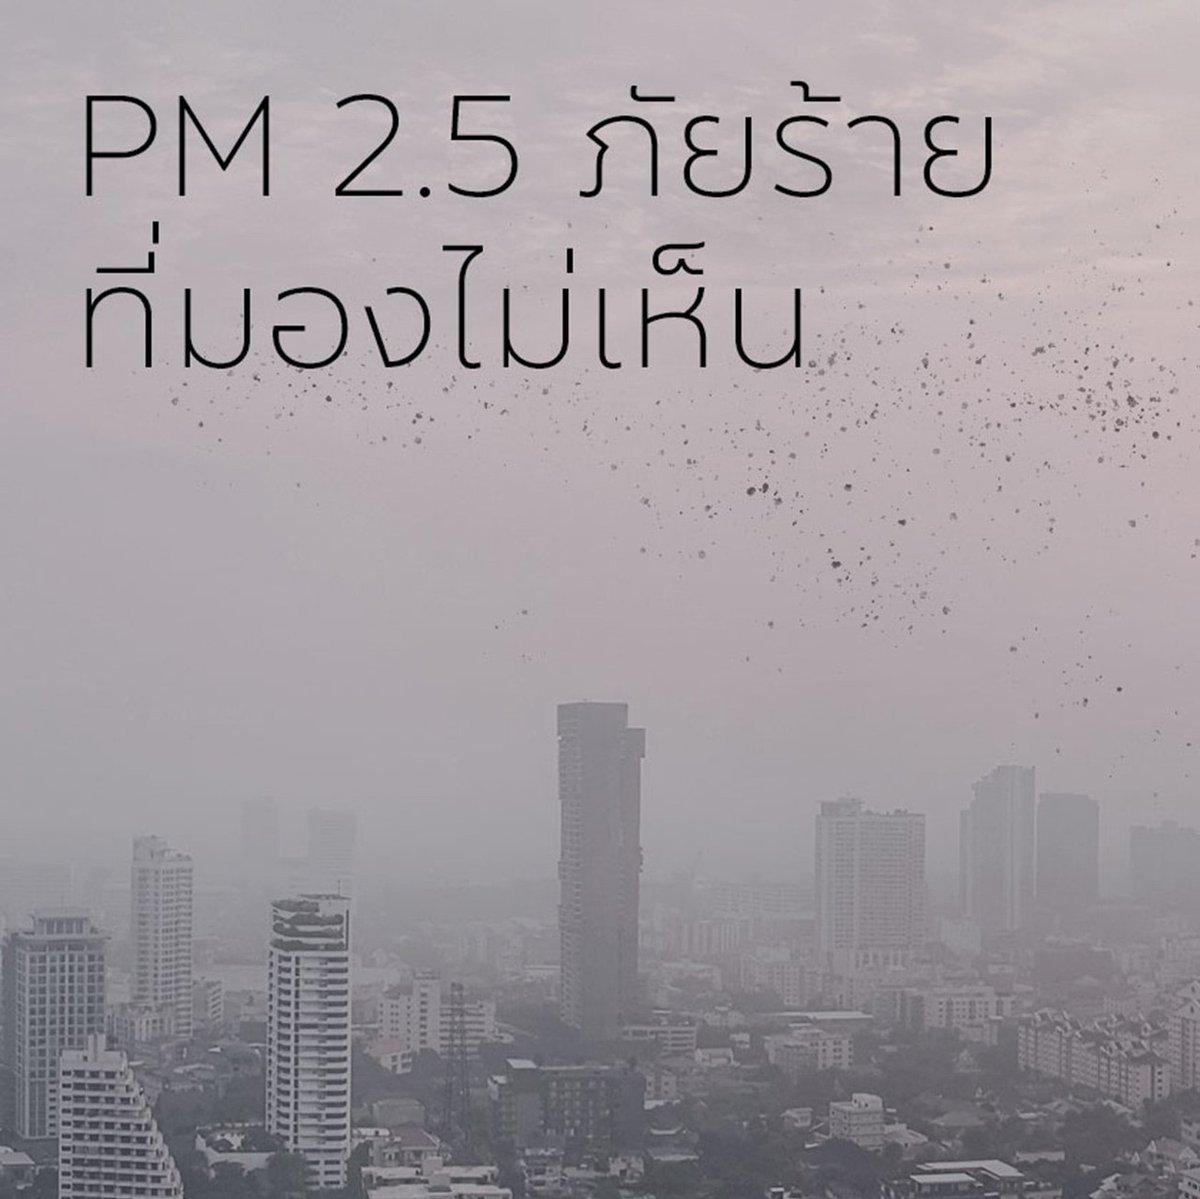 ฝุ่นละออง PM2.5 คืออะไร…แล้วเราควรรับมืออย่างไรกับภัยร้ายที่มองไม่เห็นนี้ พบคำตอบได้ที่นี่ http://wu.to/Y2mNge #UNET #MaquiPlus #UVExpert #SunProtector #Gluta #PM2.5 #InvisibleThreats #HealthyImmunity